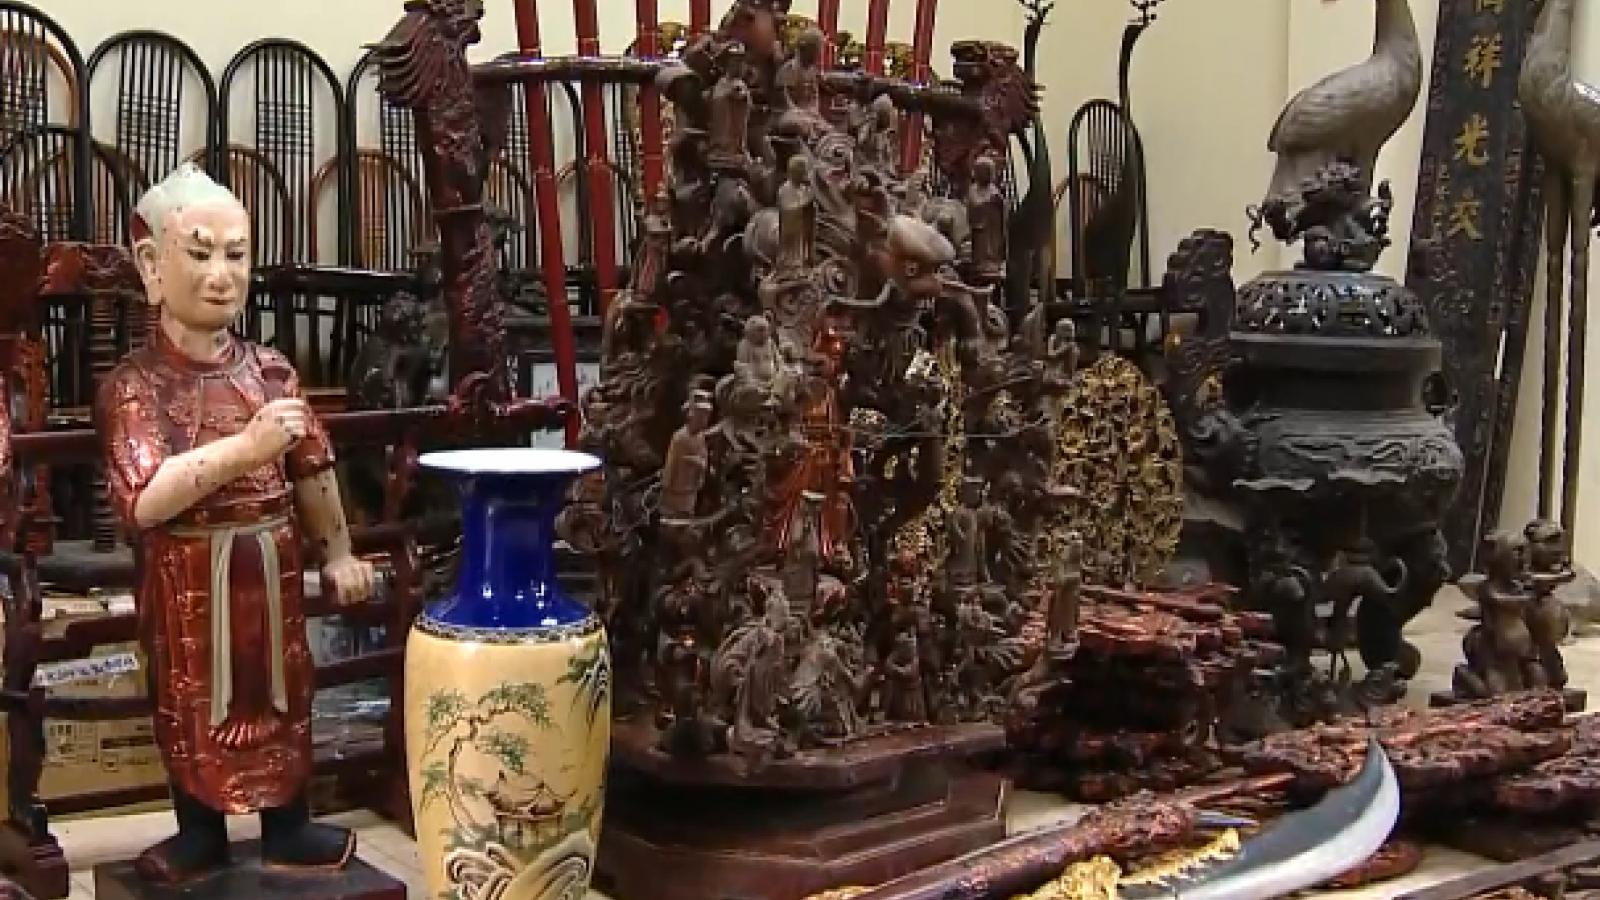 Trộm cắp cổ vật: Cả người mua và người bán đều bị xử lý